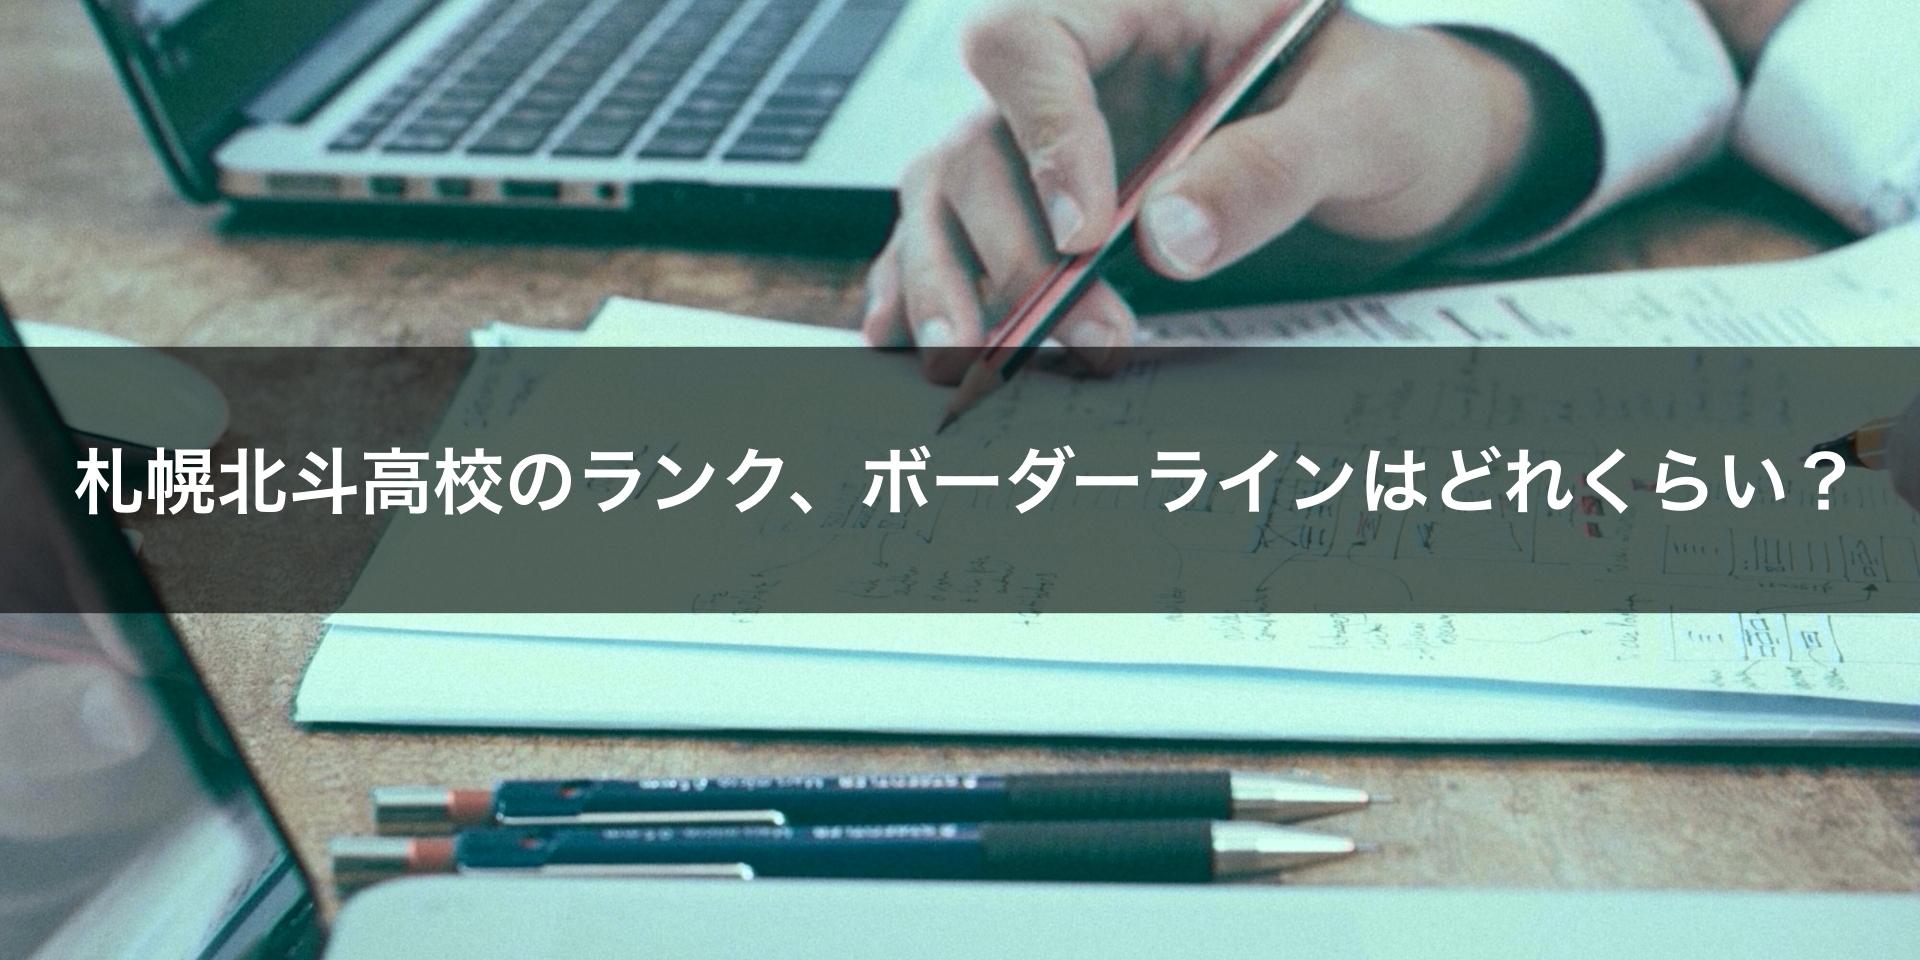 札幌北斗高校のランク、ボーダーラインはどれくらい?